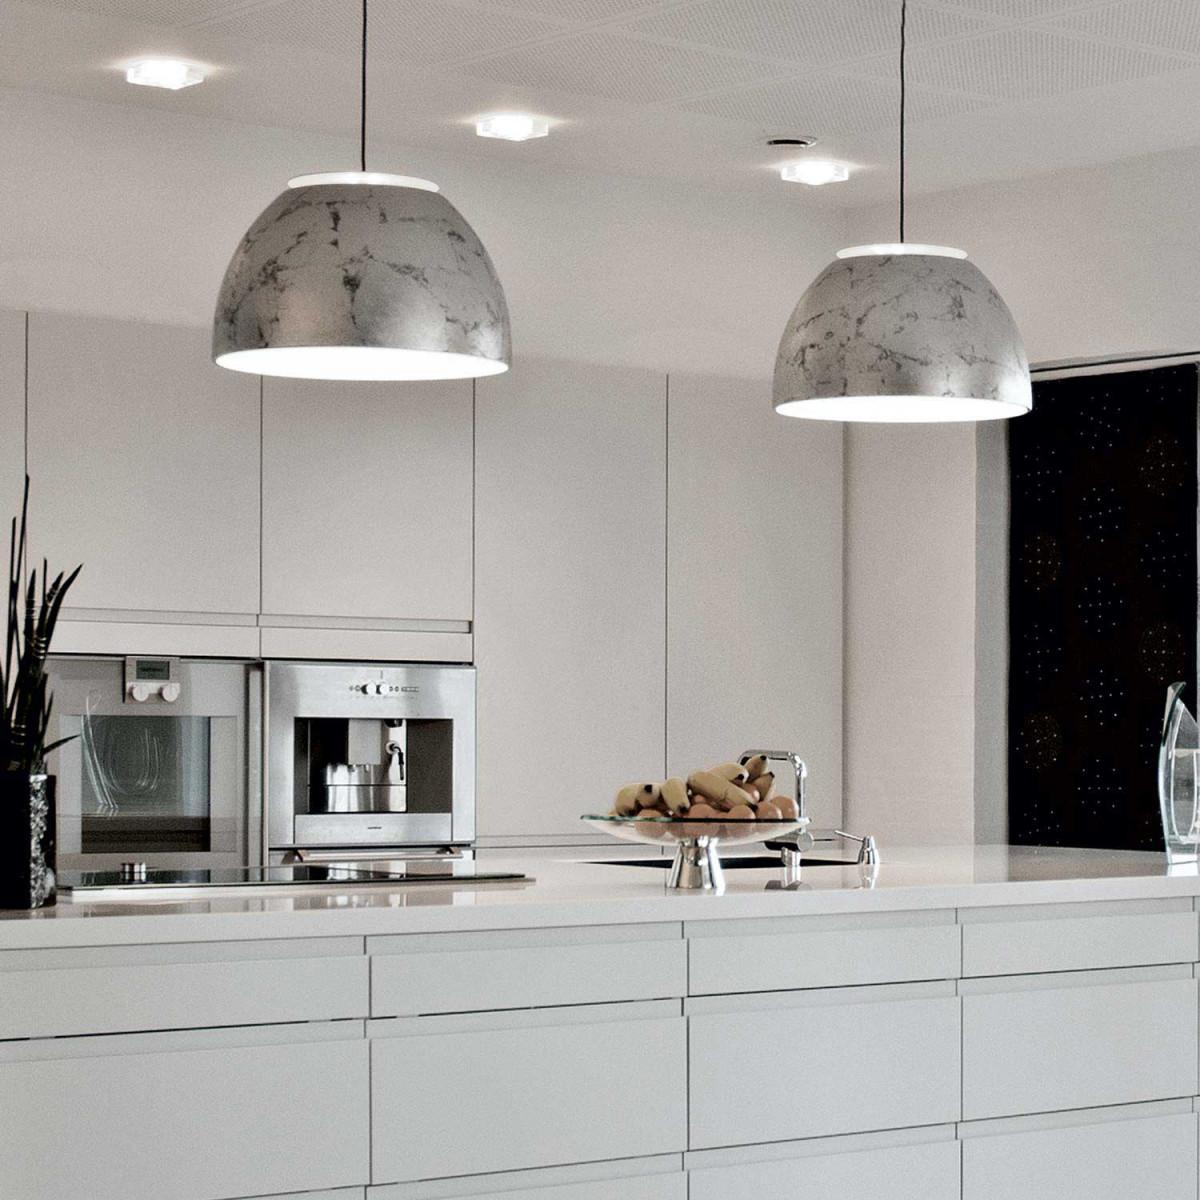 Vinduslampe Kjøp funksjonel og stilfull belysning til vinduet